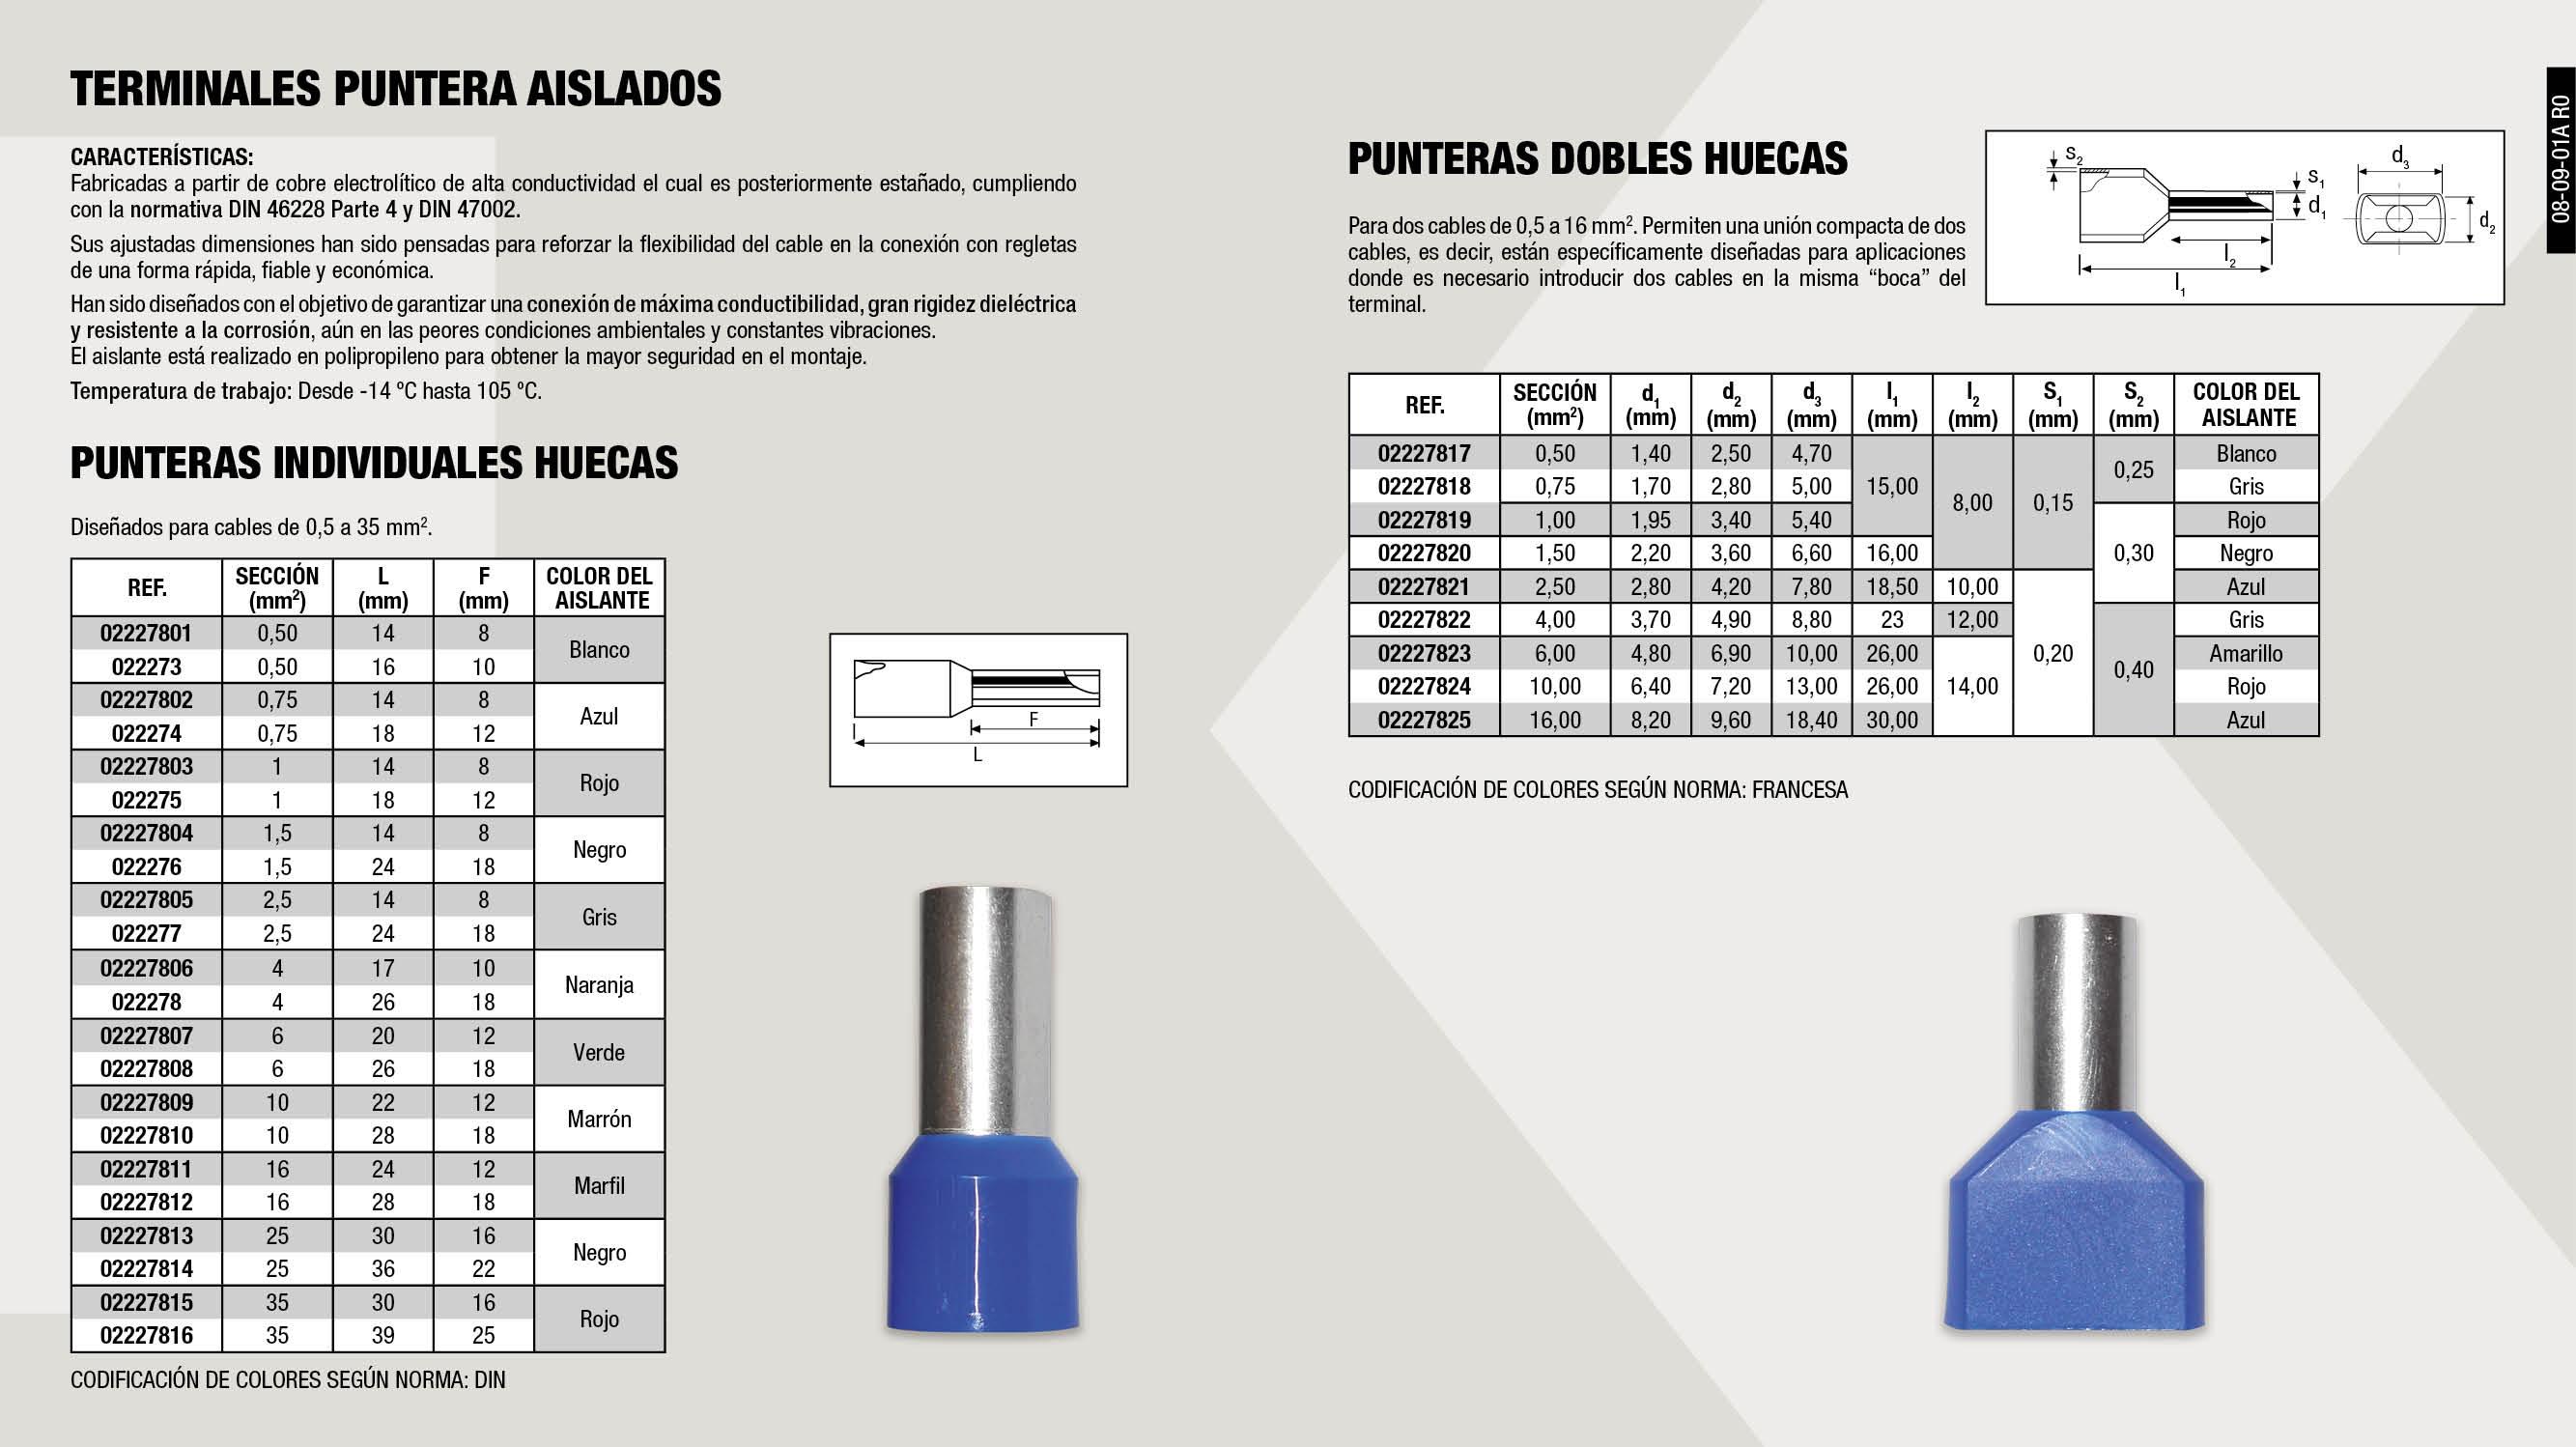 TERMINAL PUNTERA 0.50 BLANCO 10 MM.                         ,  TERMINAL PUNTERA 1.5 NEGRO 18 MM.                           ,  TERMINAL PUNTERA DOBLE 2X2,50 AZUL 10MM                     ,  TERMINAL PUNTERA 4 NARANJA 10MM                             ,  TERMINAL PUNTERA 10 MARRON 12MM                             ,  TERMINAL PUNTERA 35 ROJO 16MM                               ,  TERMINAL PUNTERA DOBLE 2X1,50 NEGRO 8MM                     ,  TERMINAL PUNTERA DOBLE 2X4,00 GRIS 12MM                     ,  TERMINAL PUNTERA 0,50 BLANCO 8MM                            ,  TERMINAL PUNTERA 2.5 GRIS 18 MM.                            ,  TERMINAL PUNTERA DOBLE 2X0,75 GRIS 8MM                      ,  TERMINAL PUNTERA DOBLE 2X16,00 AZUL 14MM                    ,  TERMINAL PUNTERA 0,75 AZUL 8MM                              ,  TERMINAL PUNTERA 1 ROJO 8MM                                 ,  TERMINAL PUNTERA 6 VERDE 18MM                               ,  TERMINAL PUNTERA 1,5 NEGRO 8MM                              ,  TERMINAL PUNTERA 0.75 AZUL 12 MM.                           ,  TERMINAL PUNTERA DOBLE 2X1,00 ROJO 8MM                      ,  TERMINAL PUNTERA DOBLE 2X10,00 ROJO 14MM                    ,  TERMINAL PUNTERA DOBLE 2X6,00 AMARILLO 14MM                 ,  TERMINAL PUNTERA 25 NEGRO 22MM                              ,  TERMINAL PUNTERA DOBLE 2X0,50 BLANCO 8MM                    ,  TERMINAL PUNTERA 10 MARRON 18MM                             ,  TERMINAL PUNTERA 1 ROJO 12 MM.                              ,  TERMINAL PUNTERA 4 NARANJA 18 MM                            ,  TERMINAL PUNTERA 35 ROJO 25MM                               ,  TERMINAL PUNTERA 6 VERDE 12MM                               ,  TERMINAL PUNTERA 16 MARFIL 12MM                             ,  TERMINAL PUNTERA 16 MARFIL 18MM                             ,  TERMINAL PUNTERA 25 NEGRO 16MM                              ,  TERMINAL PUNTERA 2,5 GRIS 8MM                               ,